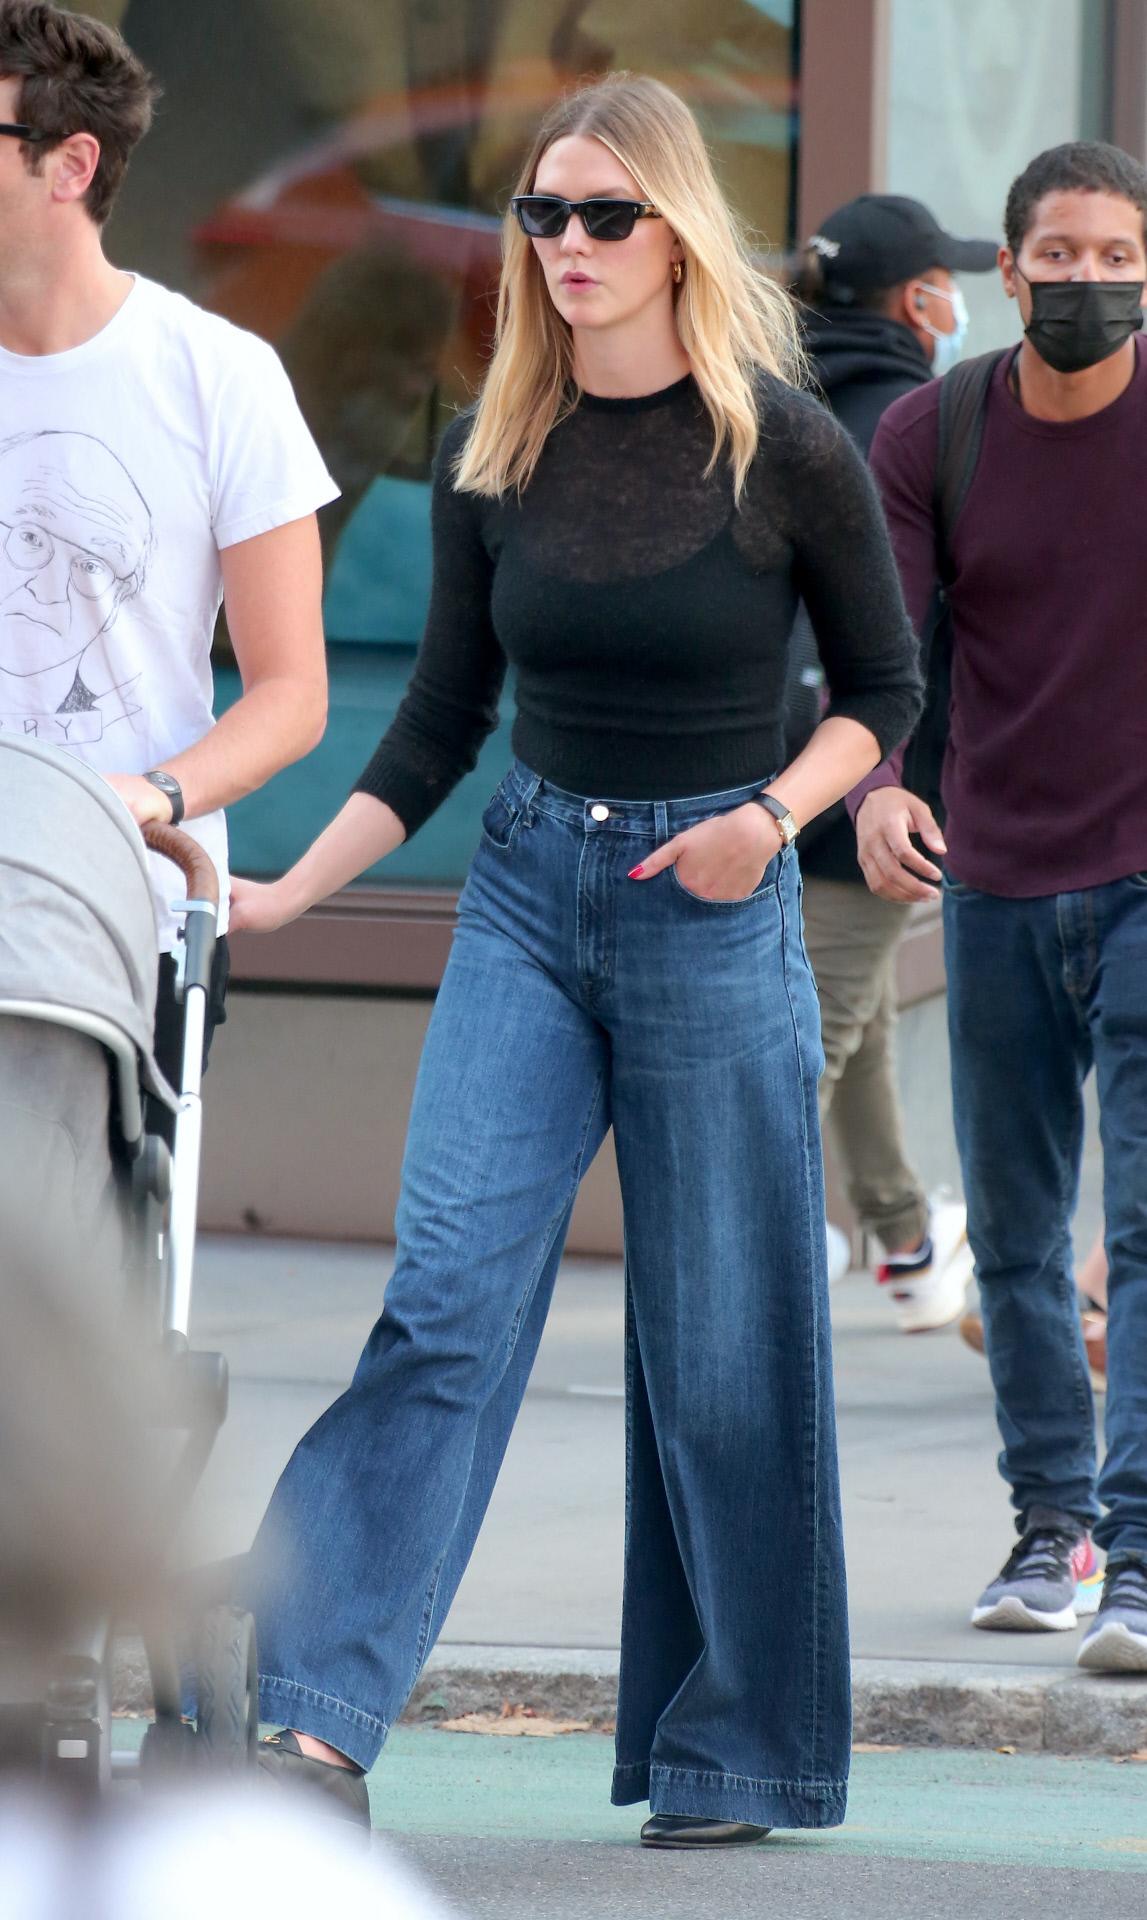 El nuevo look de Karlie Kloss en Nueva York